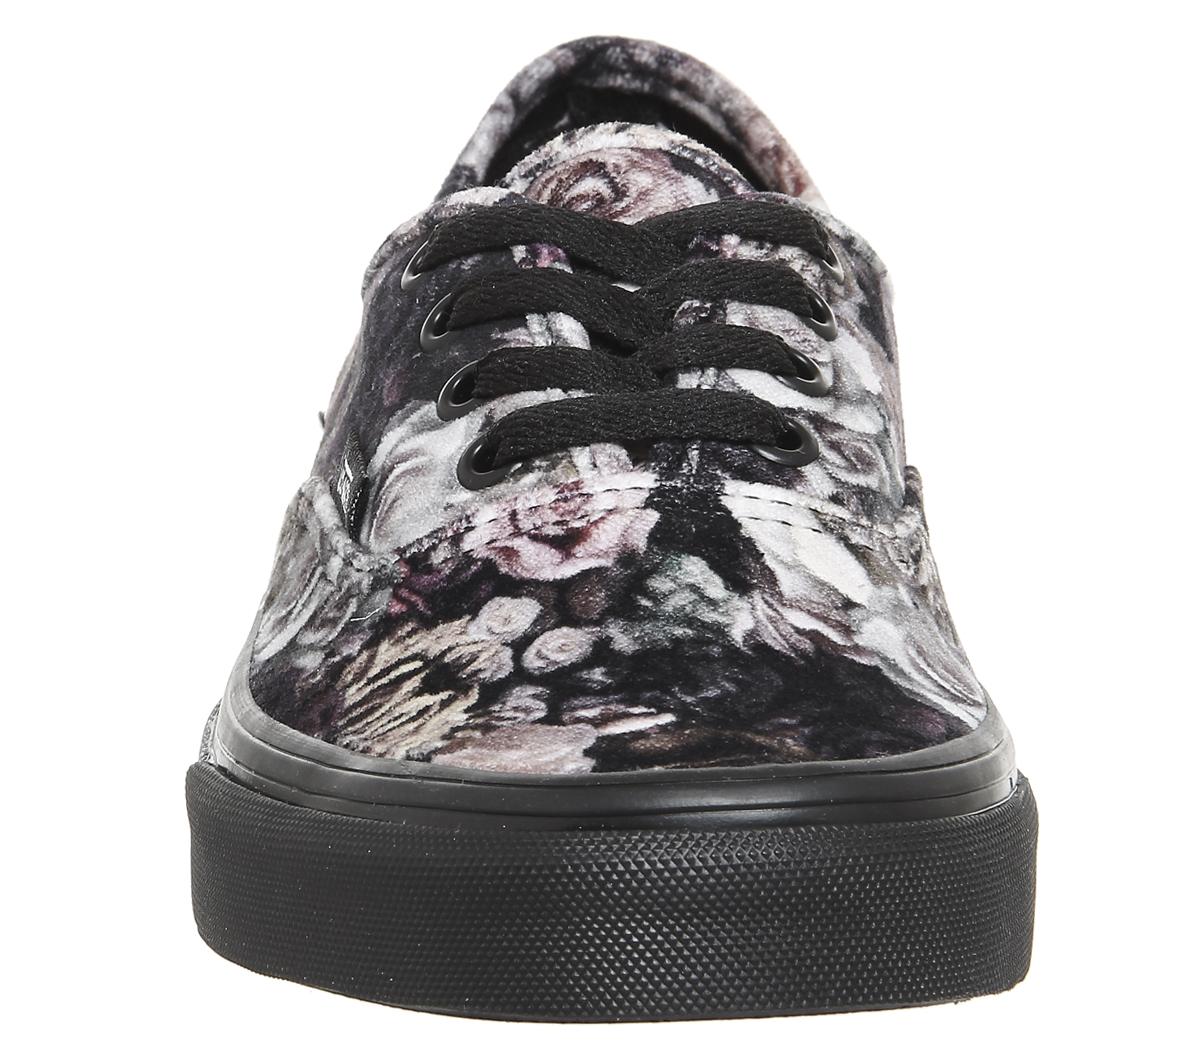 1148b3d57b Sentinel Womens Vans Authentic Trainers VELVET FLORAL BLACK Trainers Shoes